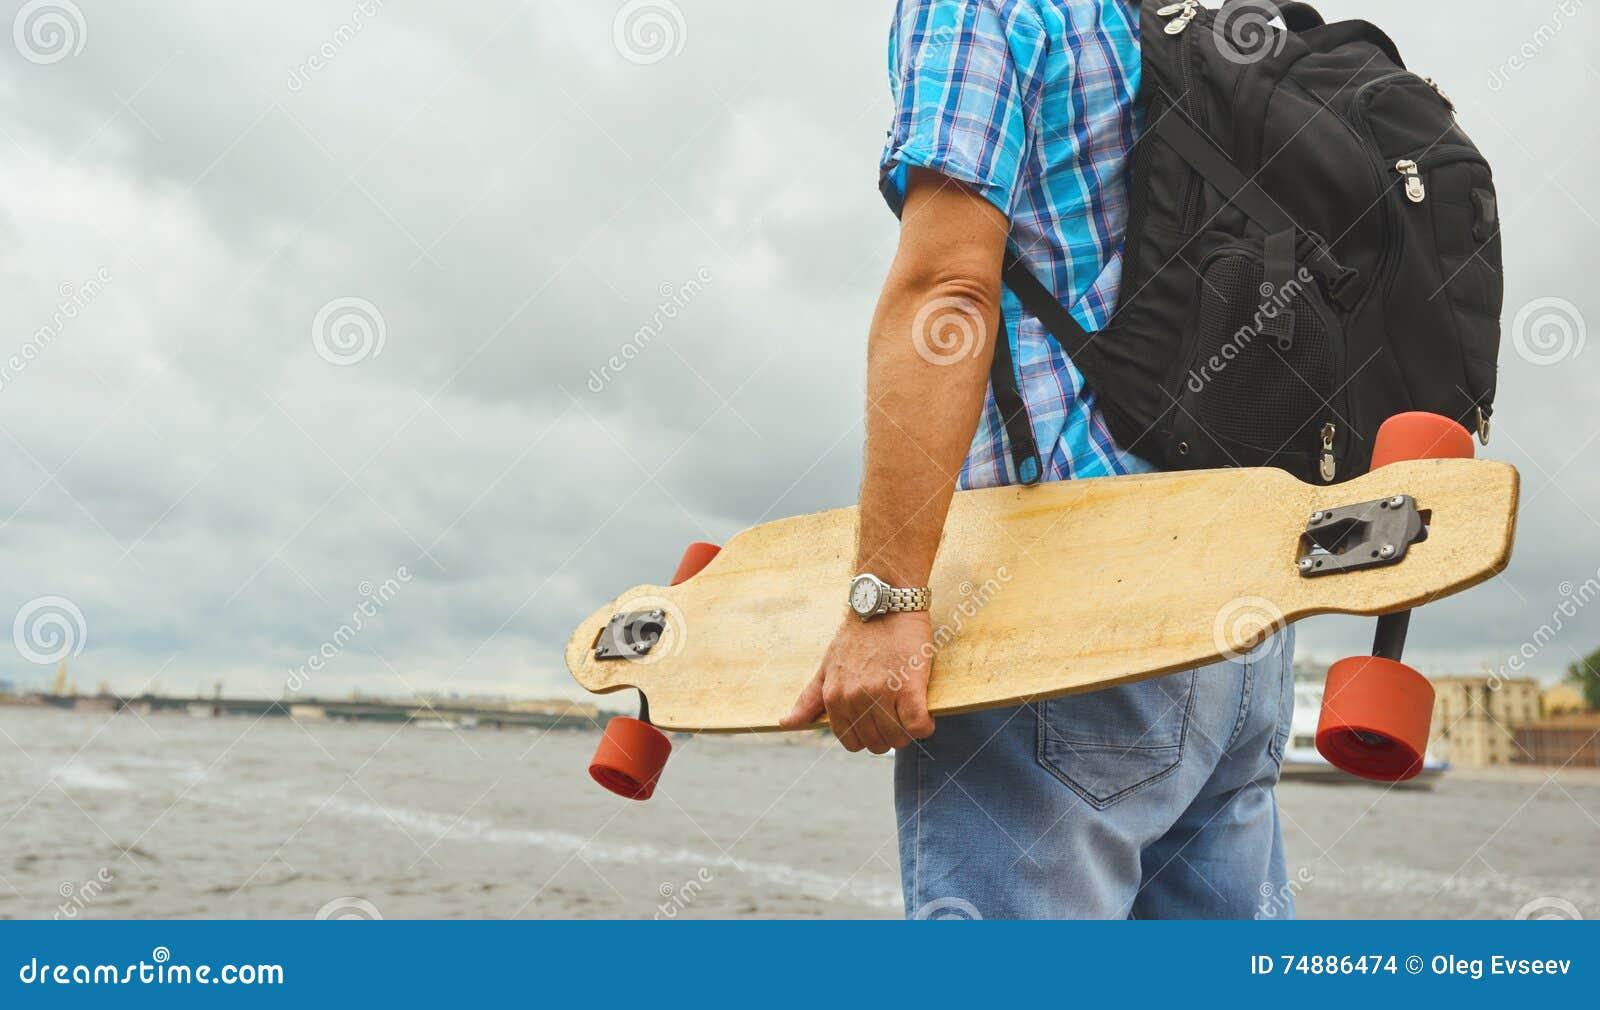 Suporte considerável do indivíduo do moderno com o longboard sobre o fundo do rio da cidade